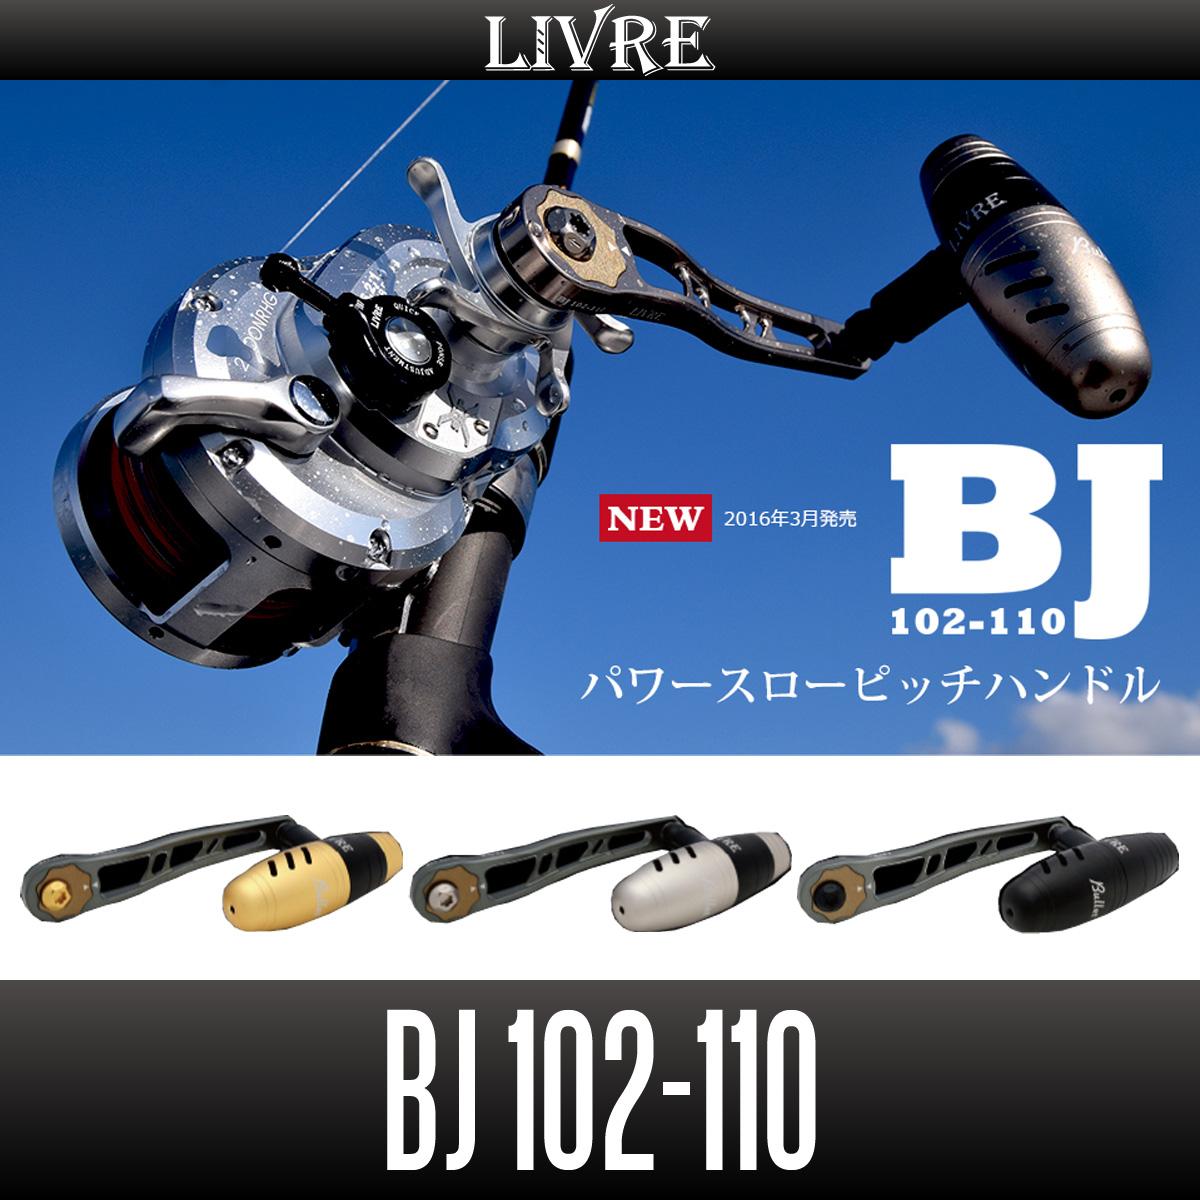 【リブレ/LIVRE】 BJ 102-110 (ジギングハンドル 102-110)※ご注文受付後、取付リール名をメールでお問い合わせします。